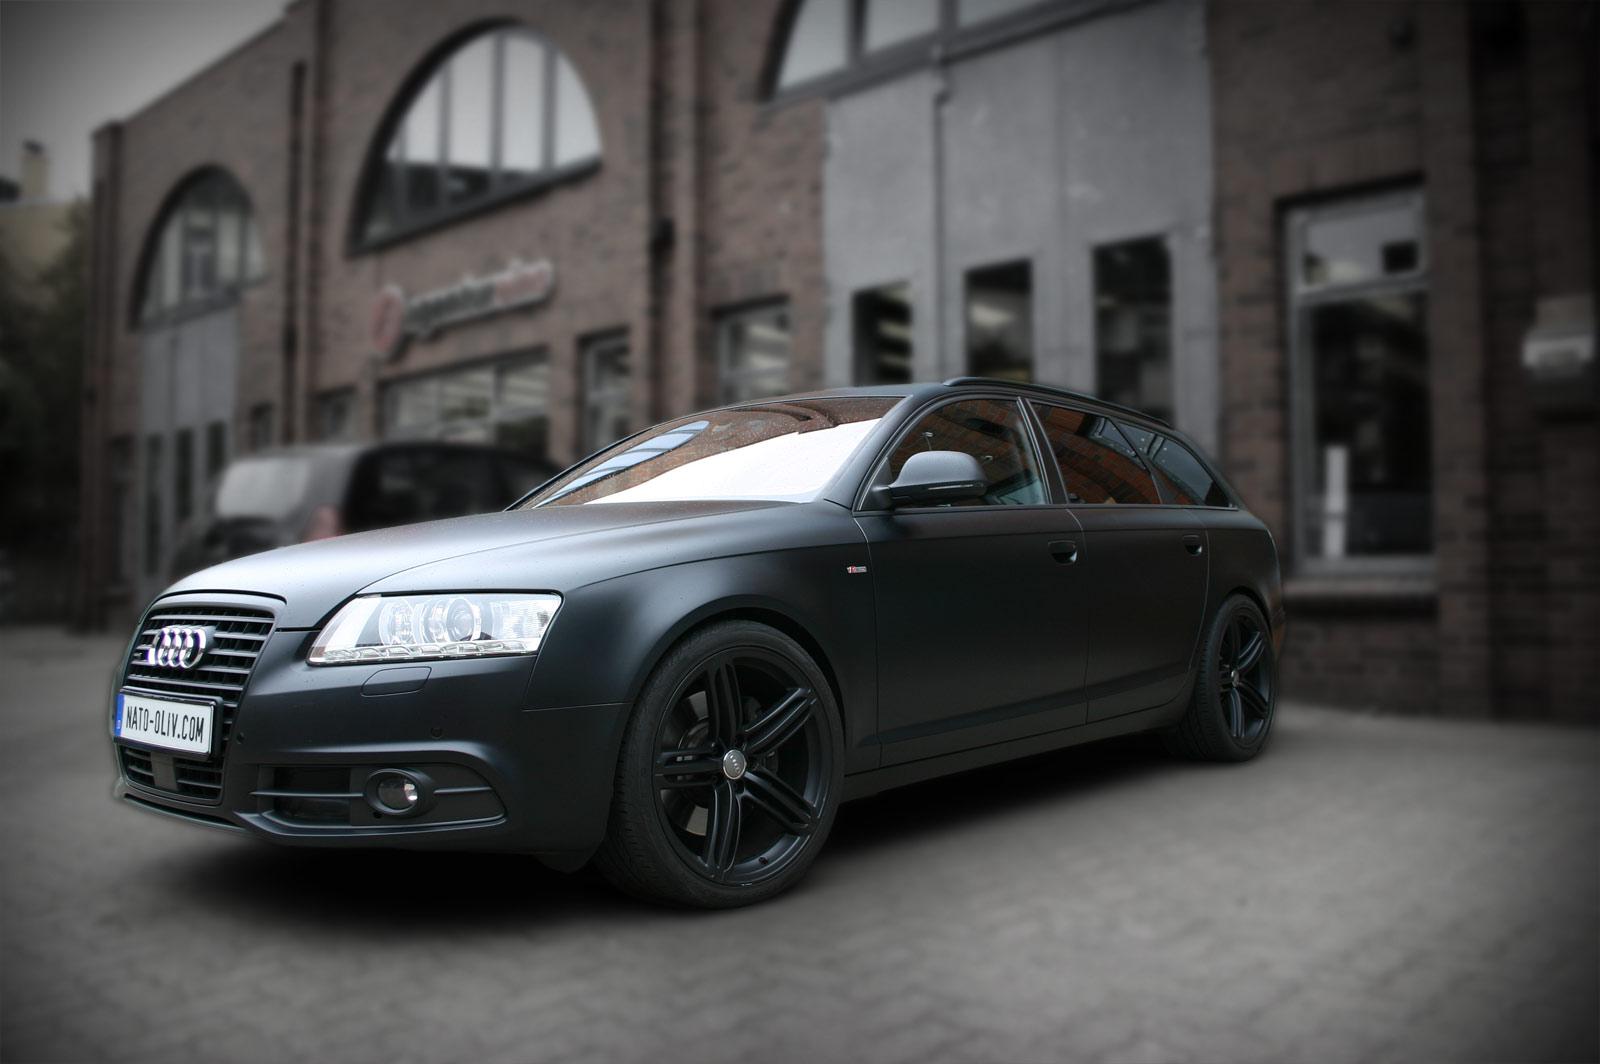 SCHEIBENTOENUNG_Audi-A6-Avant-matt-schwarz